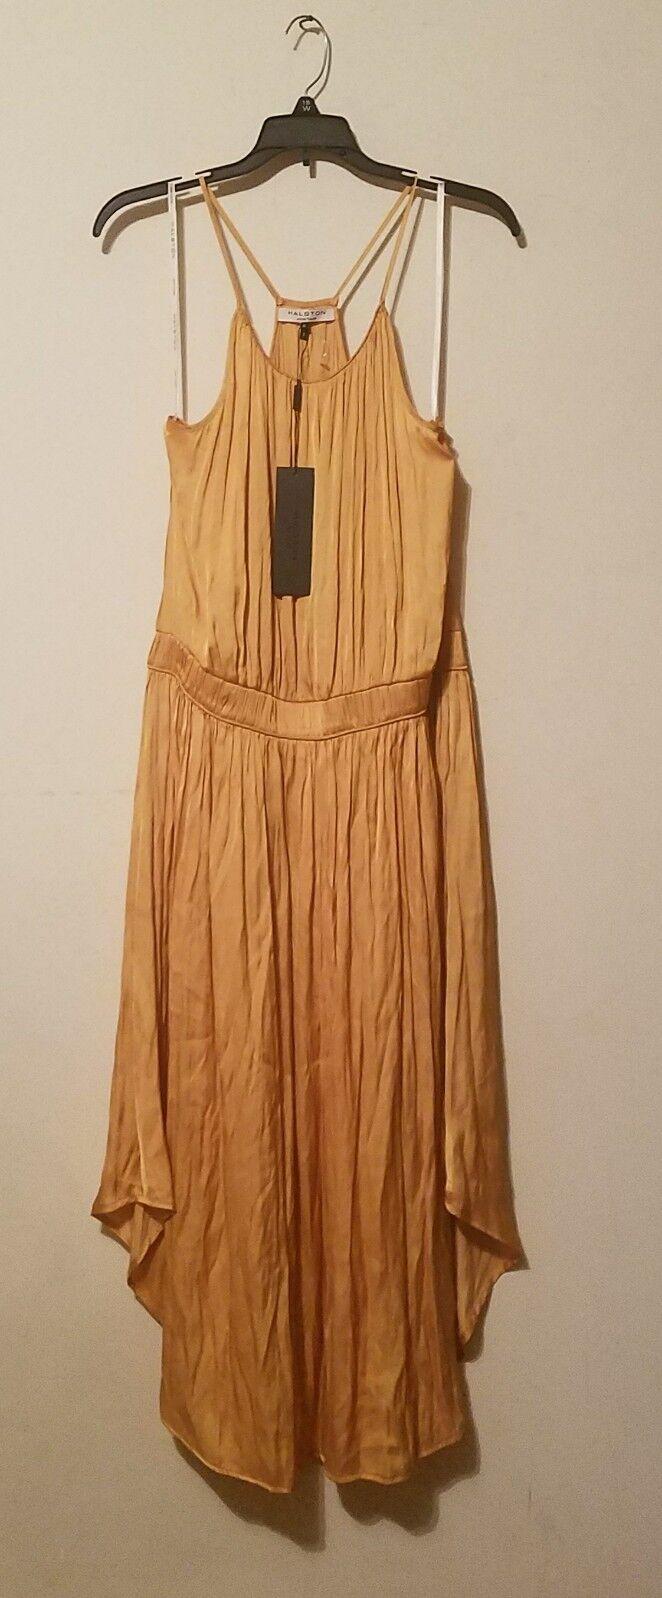 NWT Halston Heritage Women's Sleeveless Shirred Satin Satin Satin Midi Dress Yellow  Sz M 5d0a04